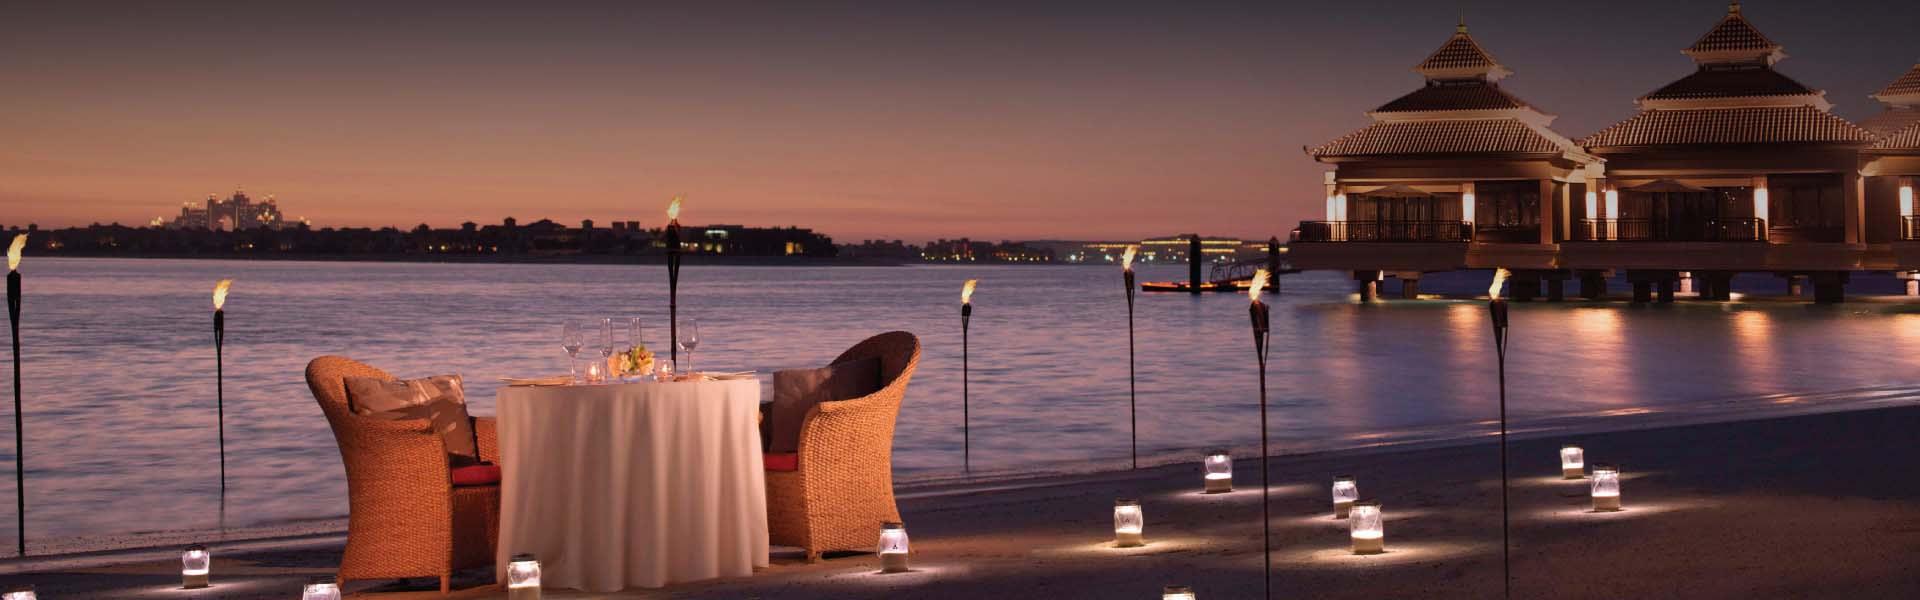 Romantic Dining Dubai Dining By Design At Anantara Dubai